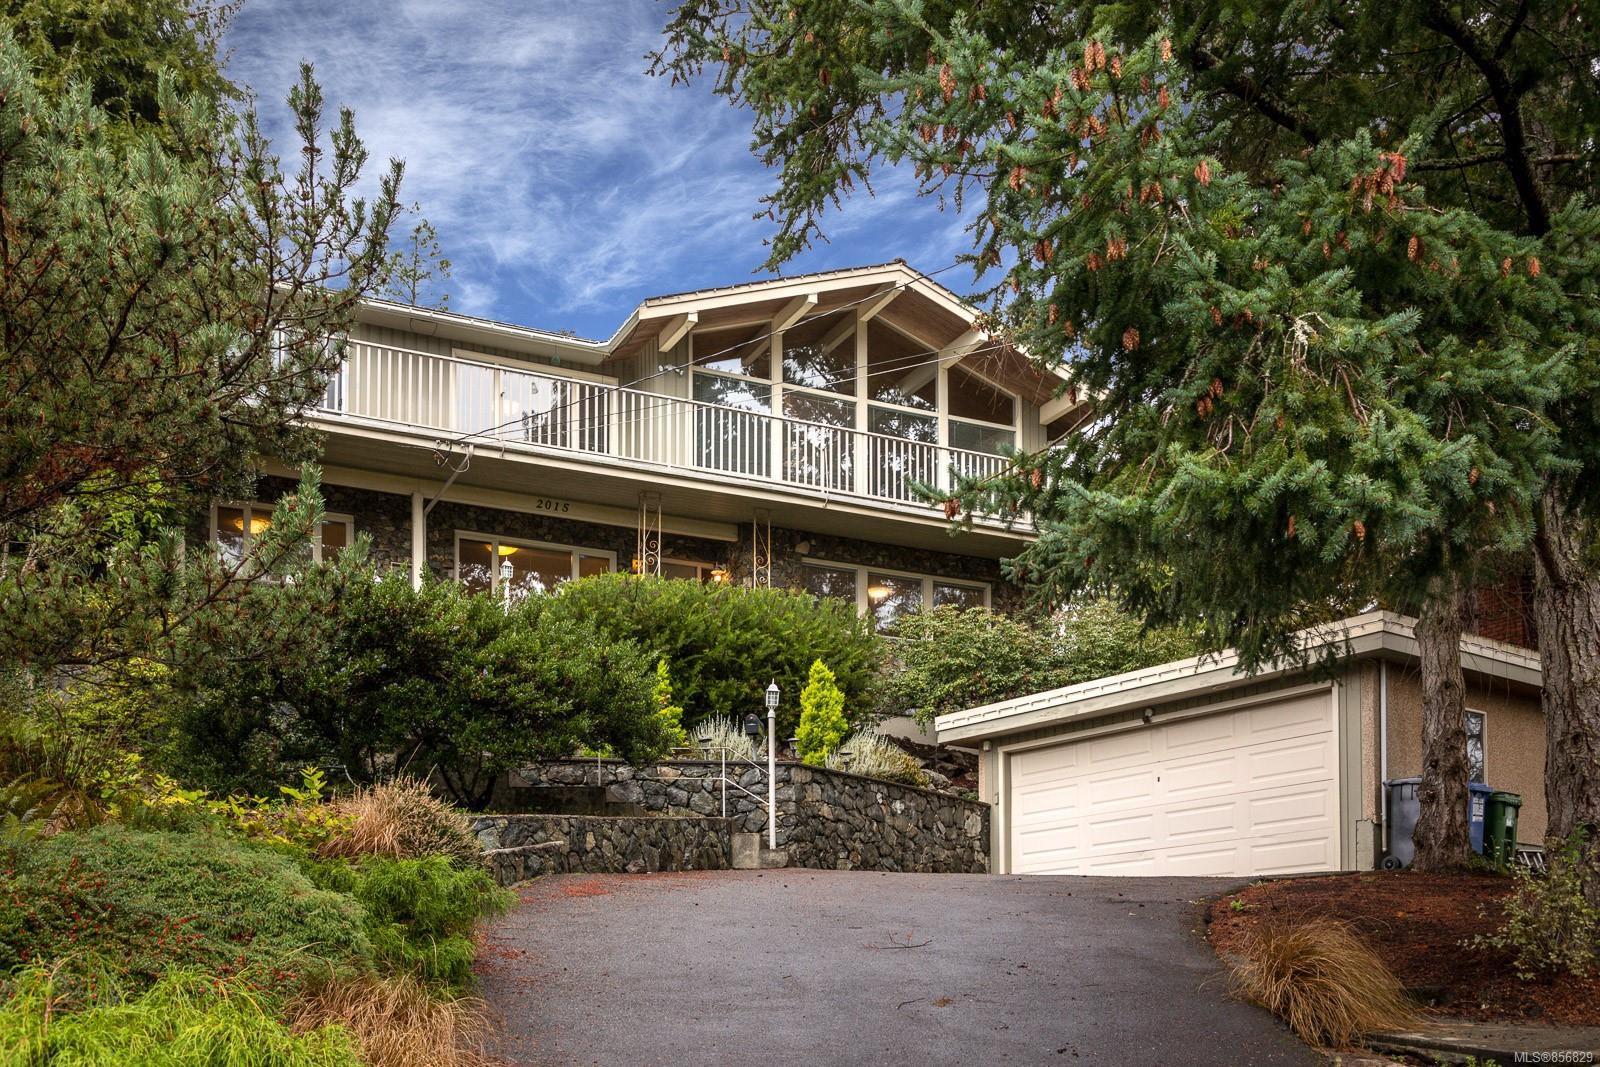 Main Photo: 2015 Pelly Pl in : OB Henderson House for sale (Oak Bay)  : MLS®# 856829